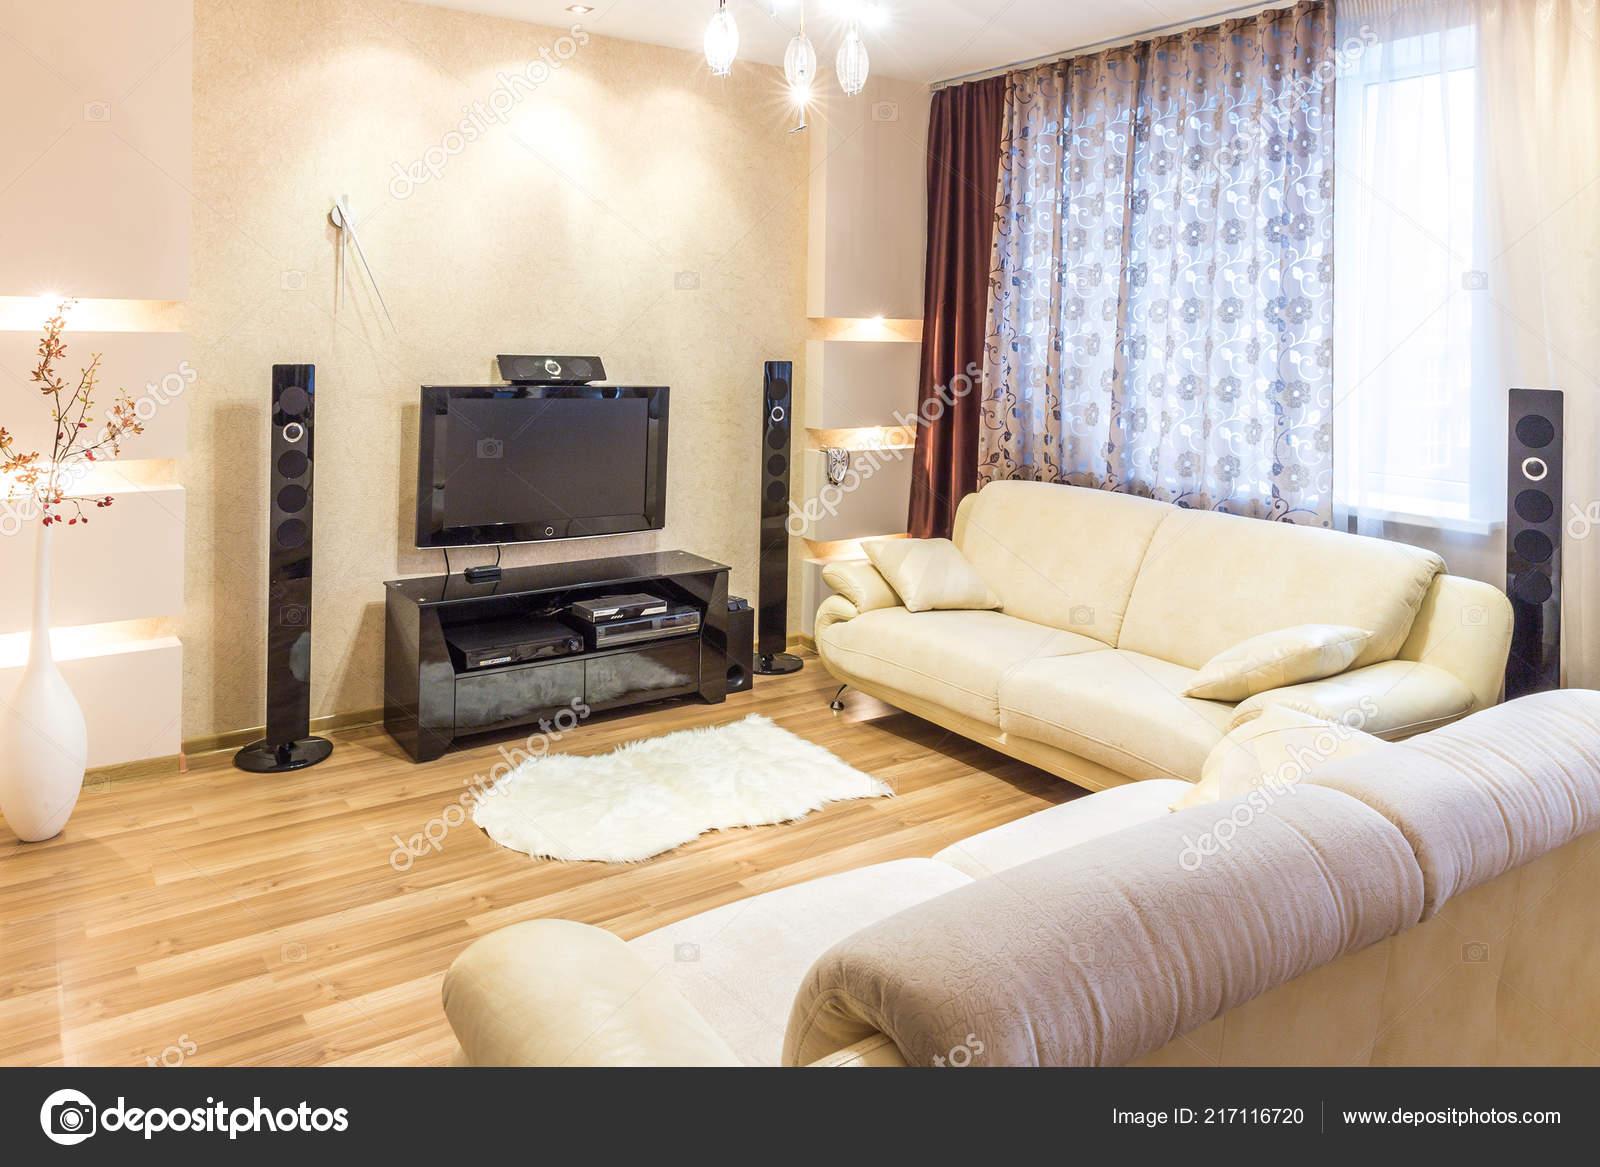 Moderne Wohnzimmer Interieur Mit Couch Und — Stockfoto ...